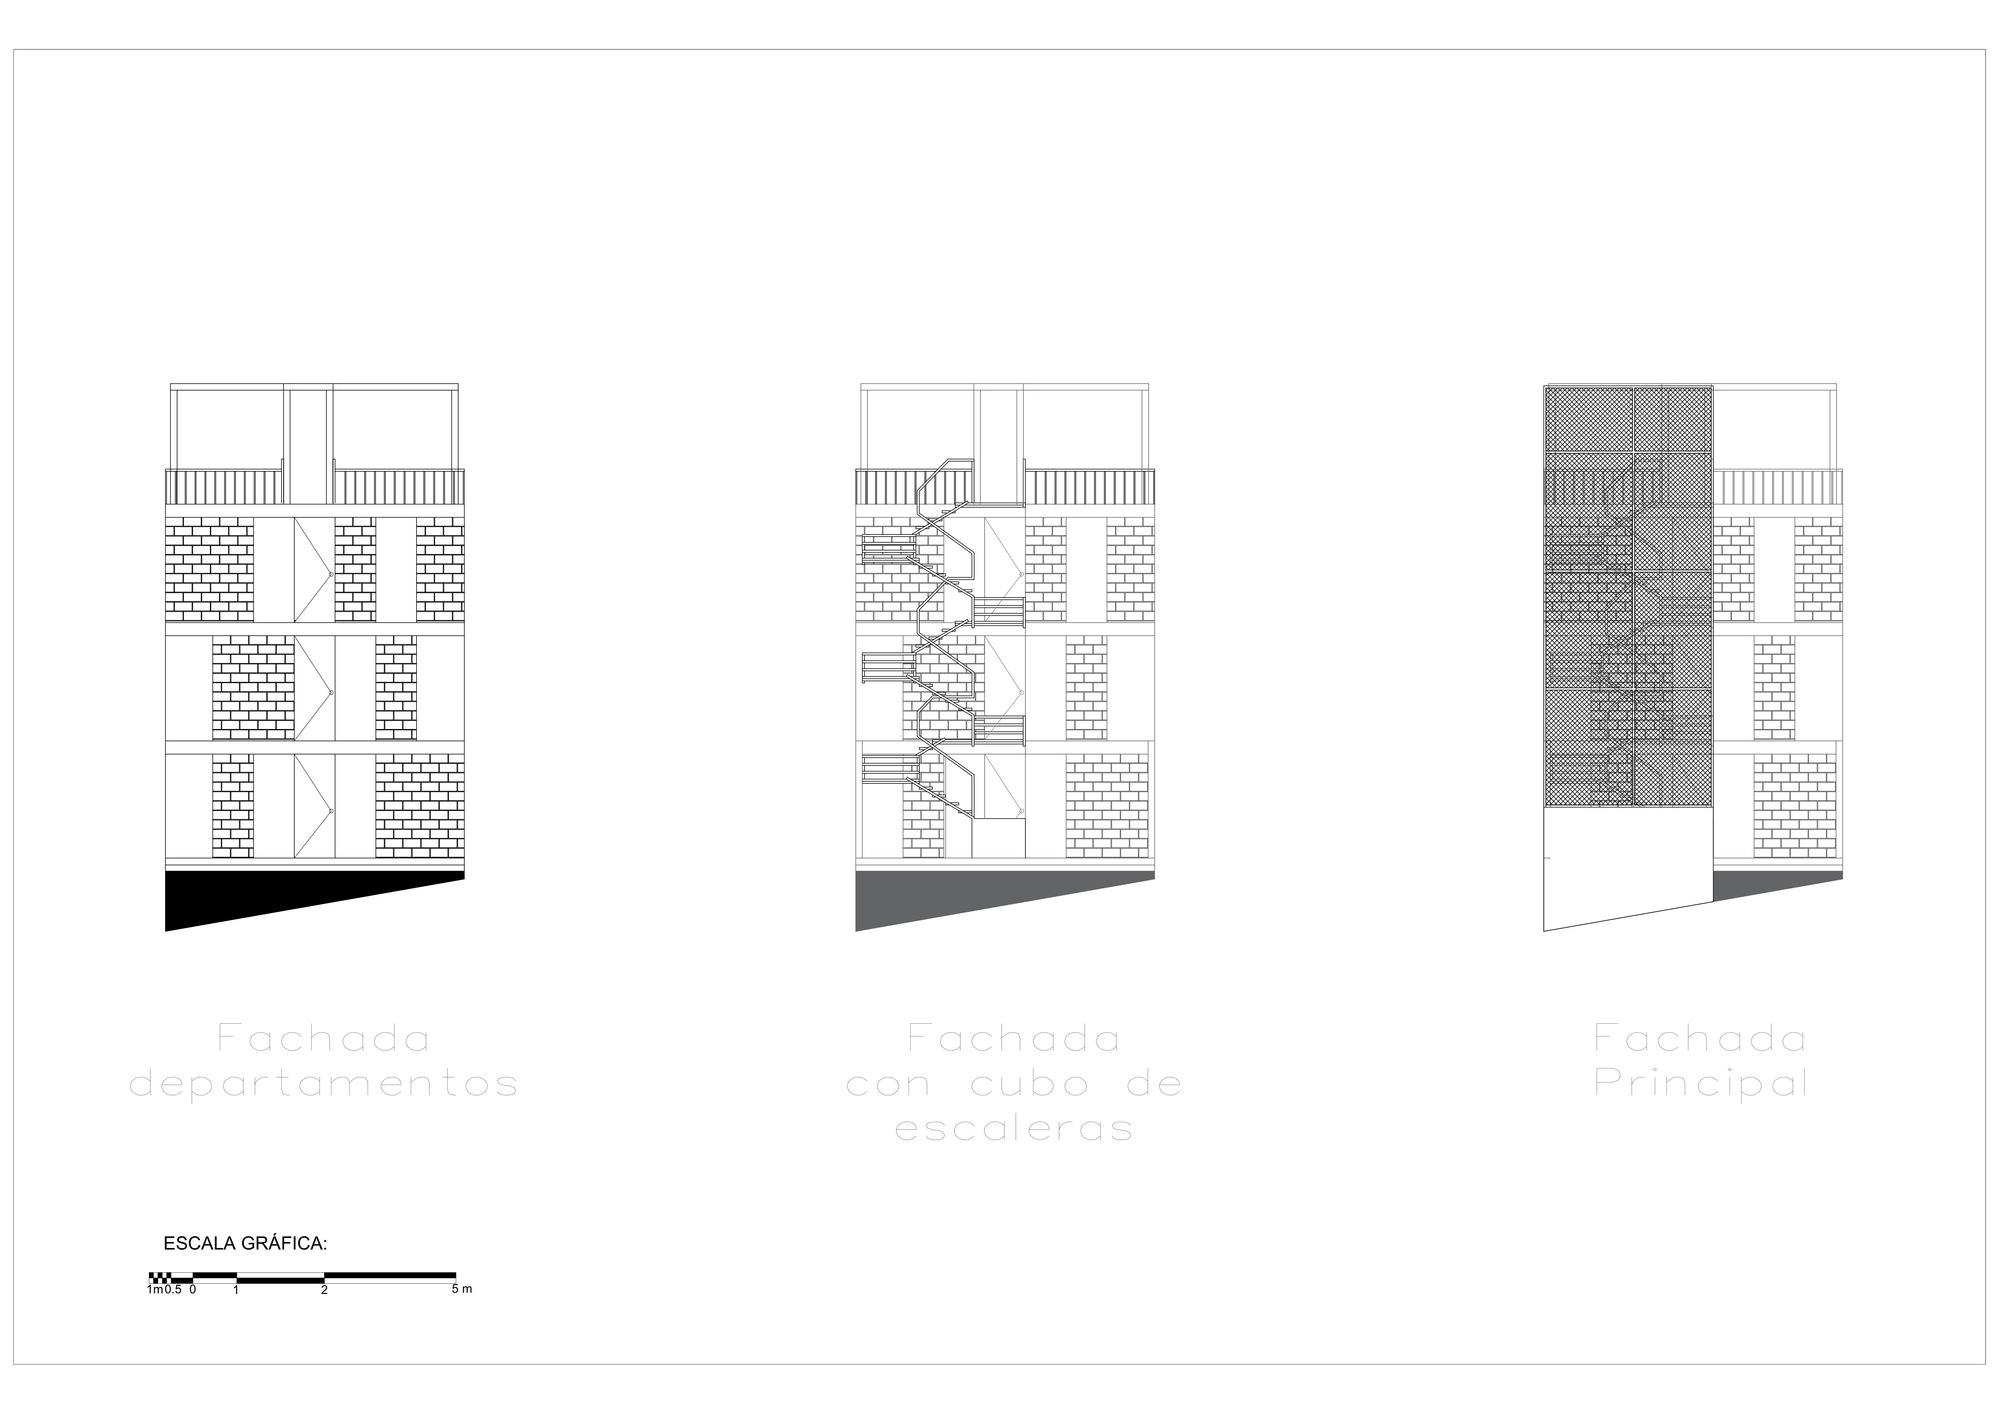 Galer a de departamentos el pino apaloosa estudio de for Arq estudio de arquitectura